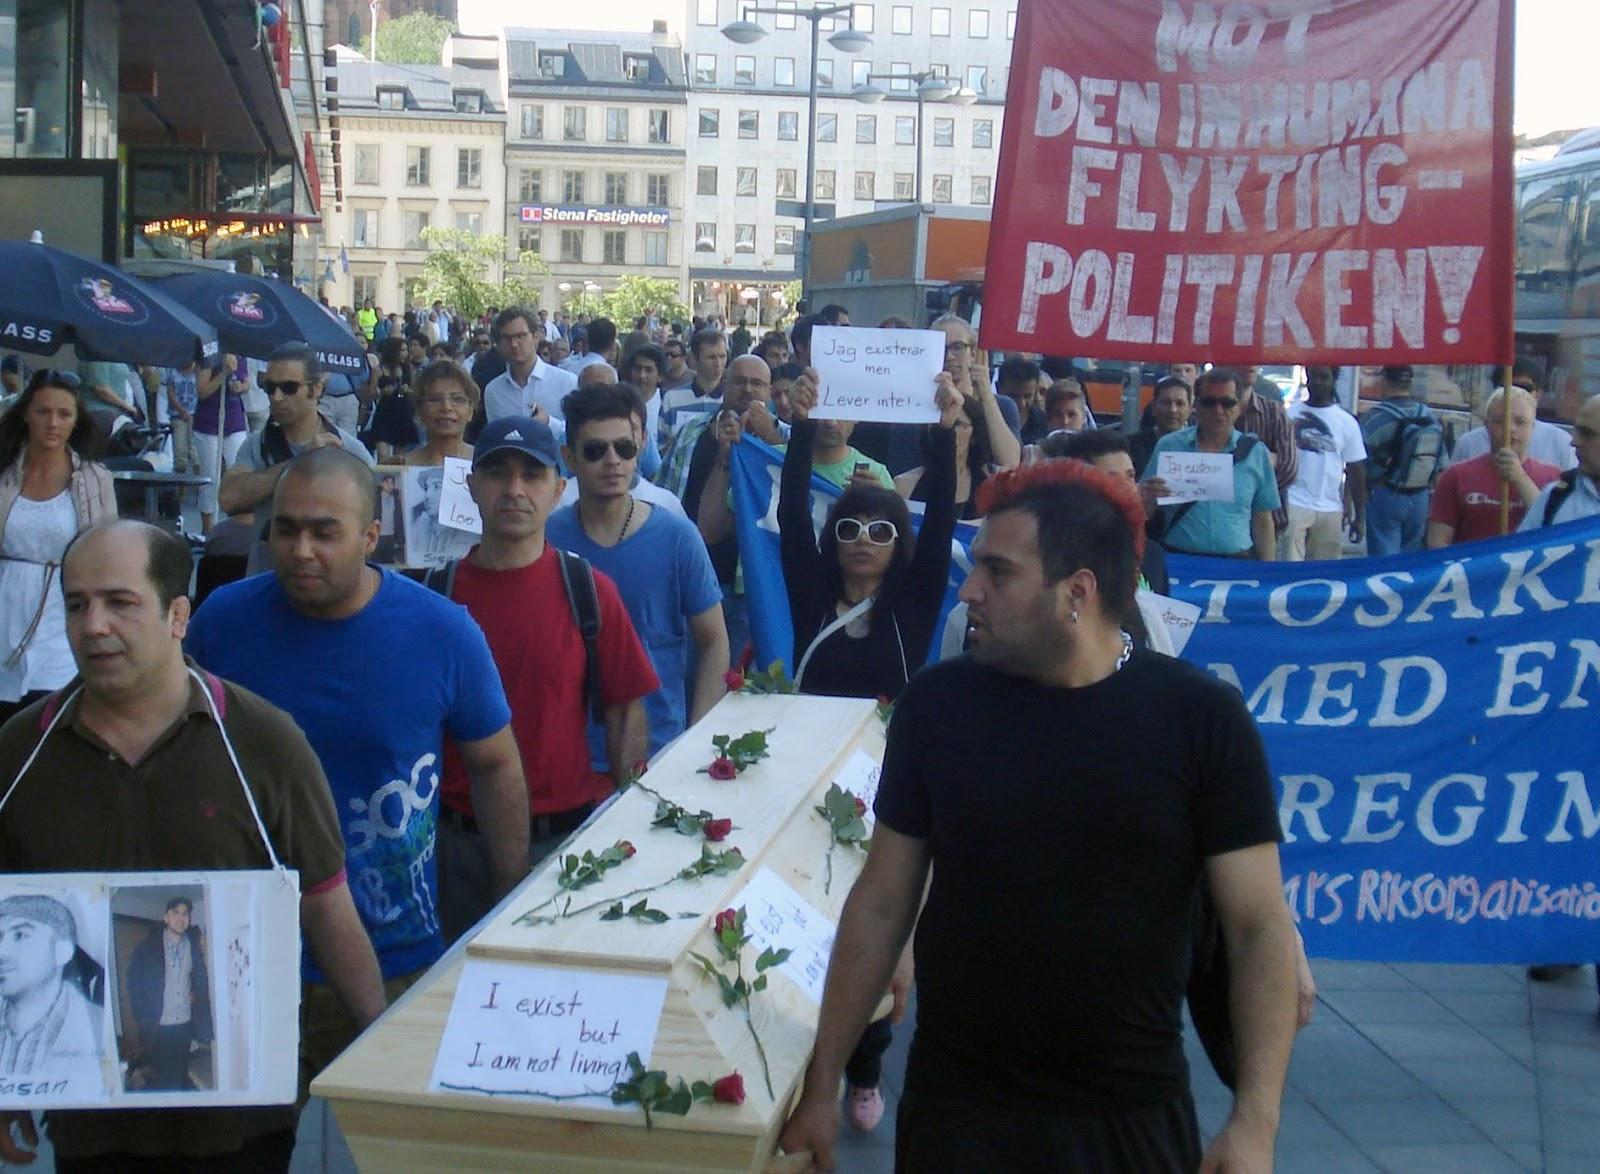 Demonstrerande syndikalister misshandlades av hogerextremister